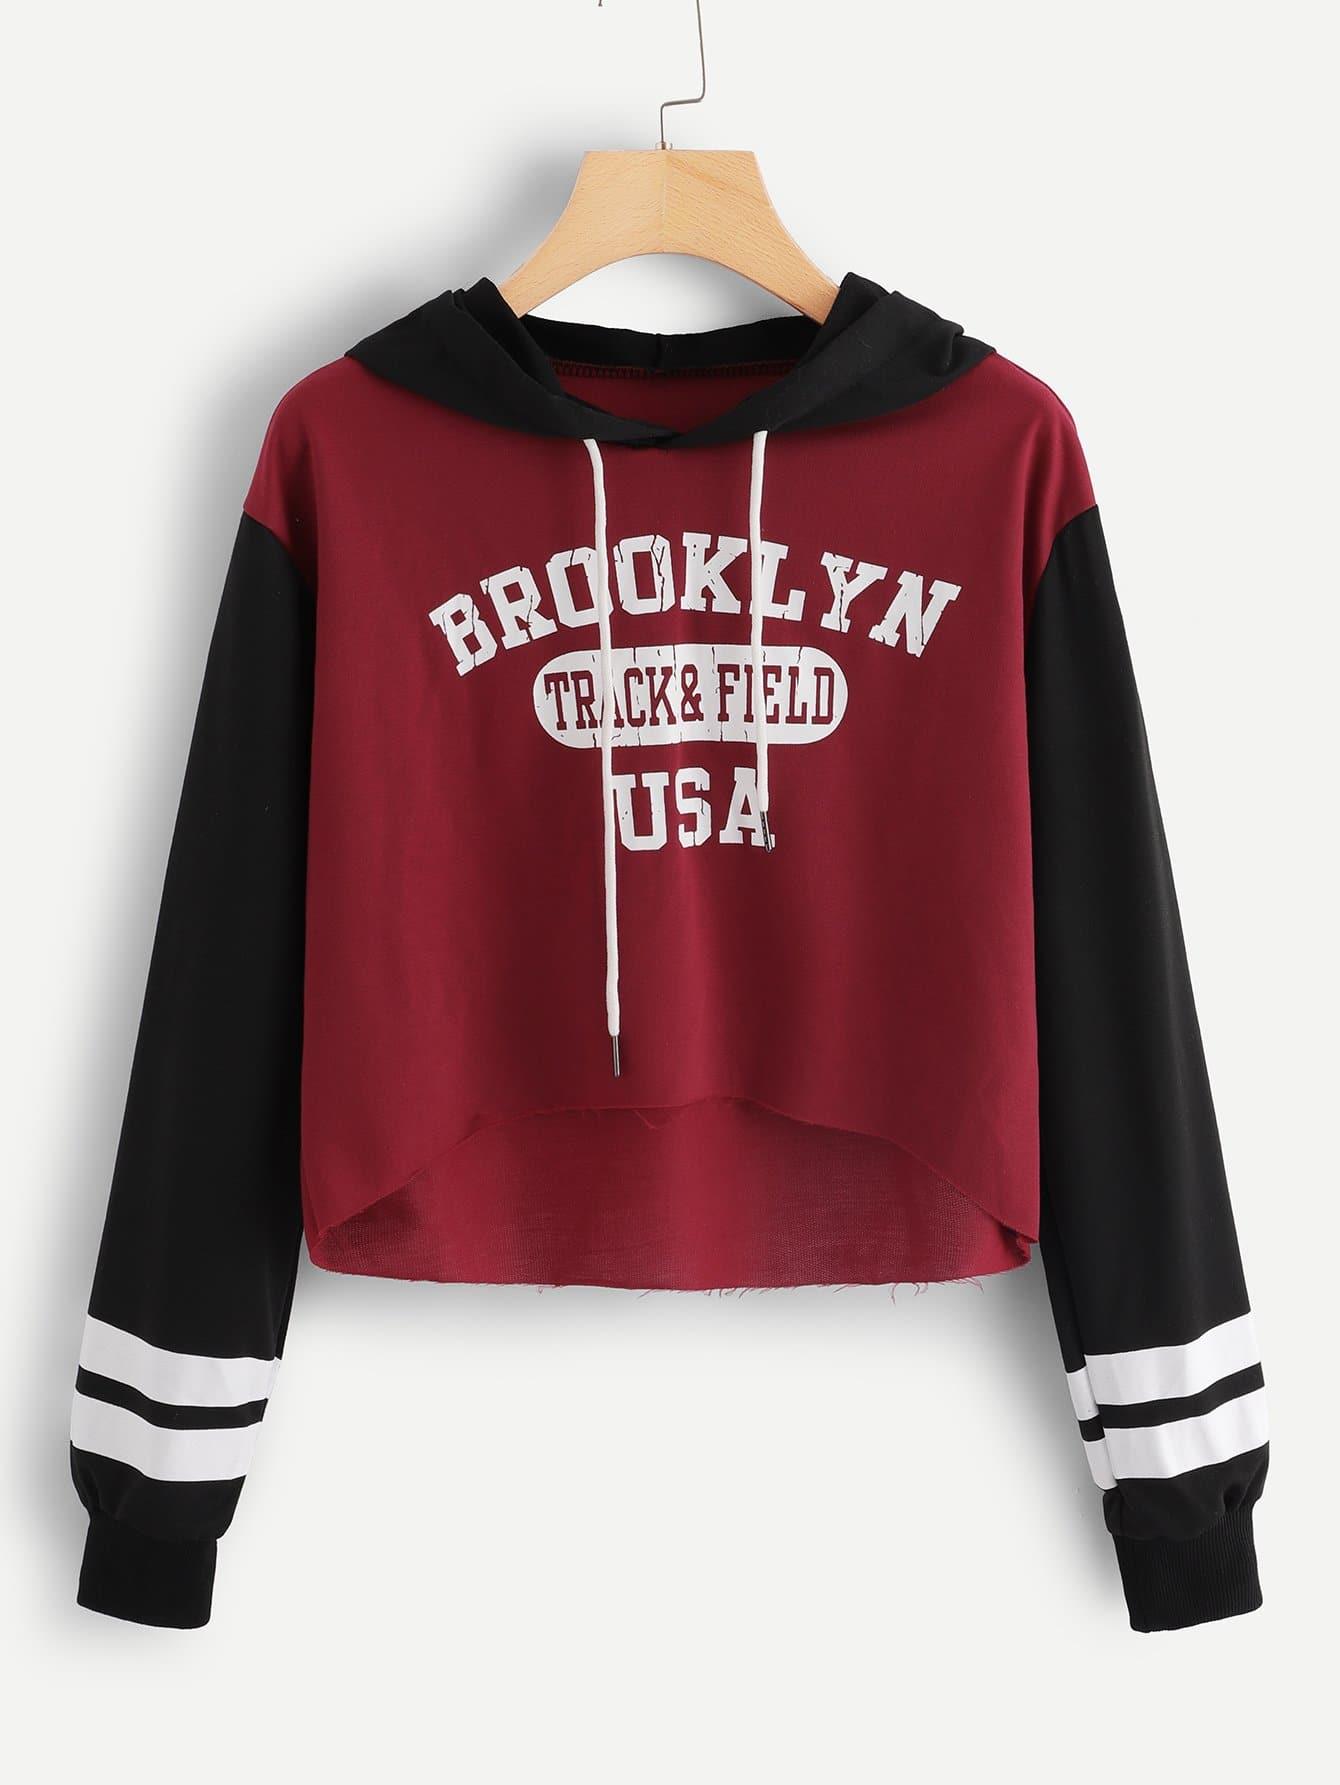 Купить Большая цветная кусковая спортивная футболка и с рисунками буквы, null, SheIn